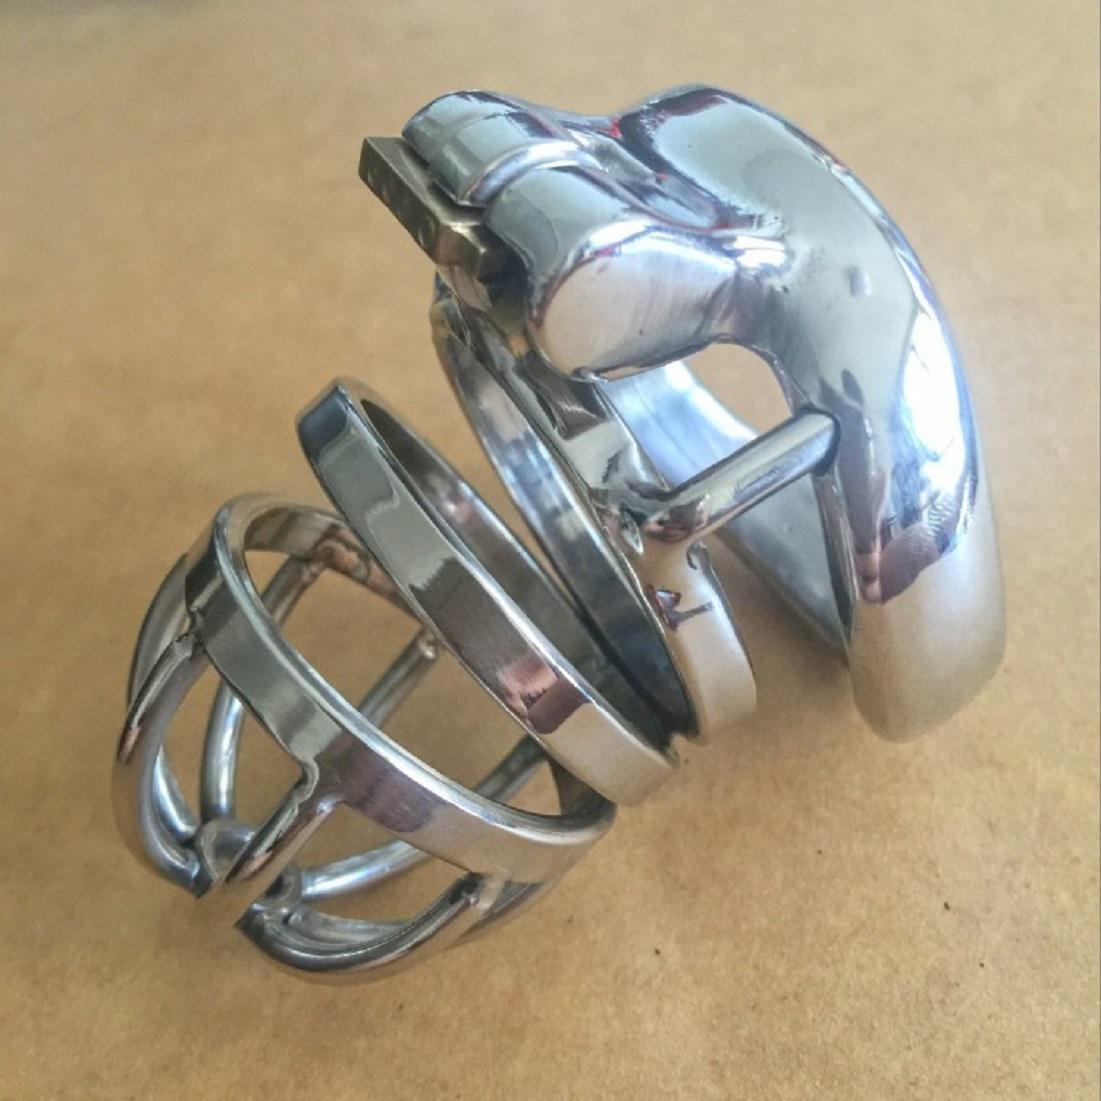 T-Day Cinturón de castidad Cinturón de castidad de acero inoxidable arco de metal macho arco inoxidable tarjeta de bloqueo de lazo curva radian pene, 50 mm inside snap ring f8a79e